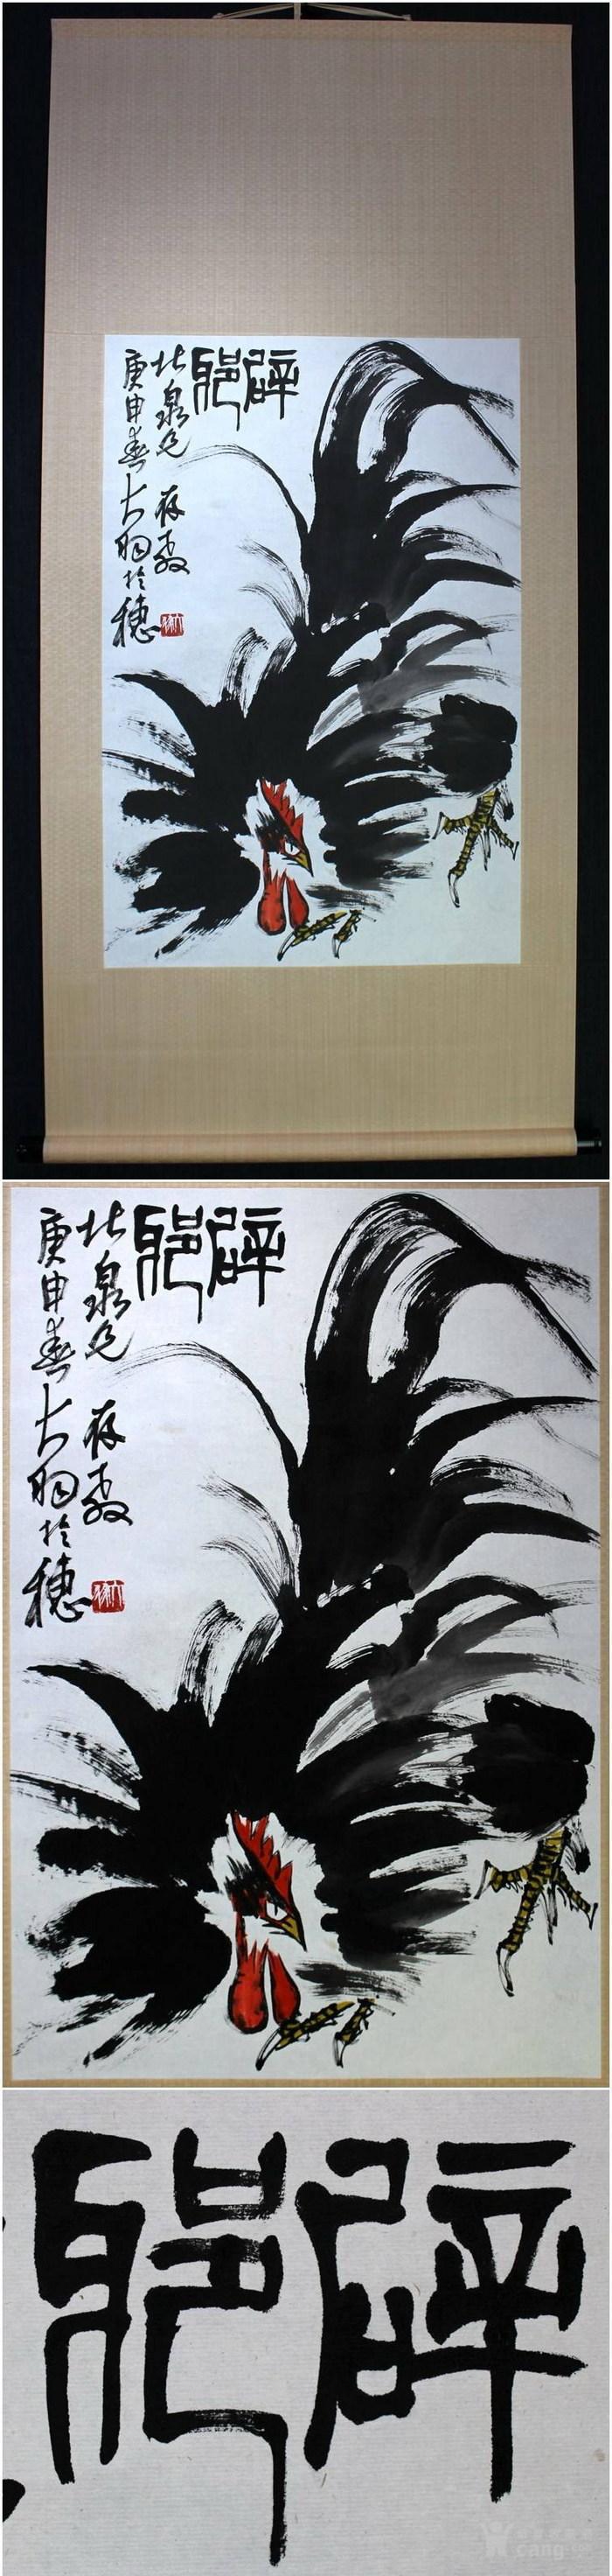 著名大写意花鸟画大师  陈大羽 《雄鸡》图2